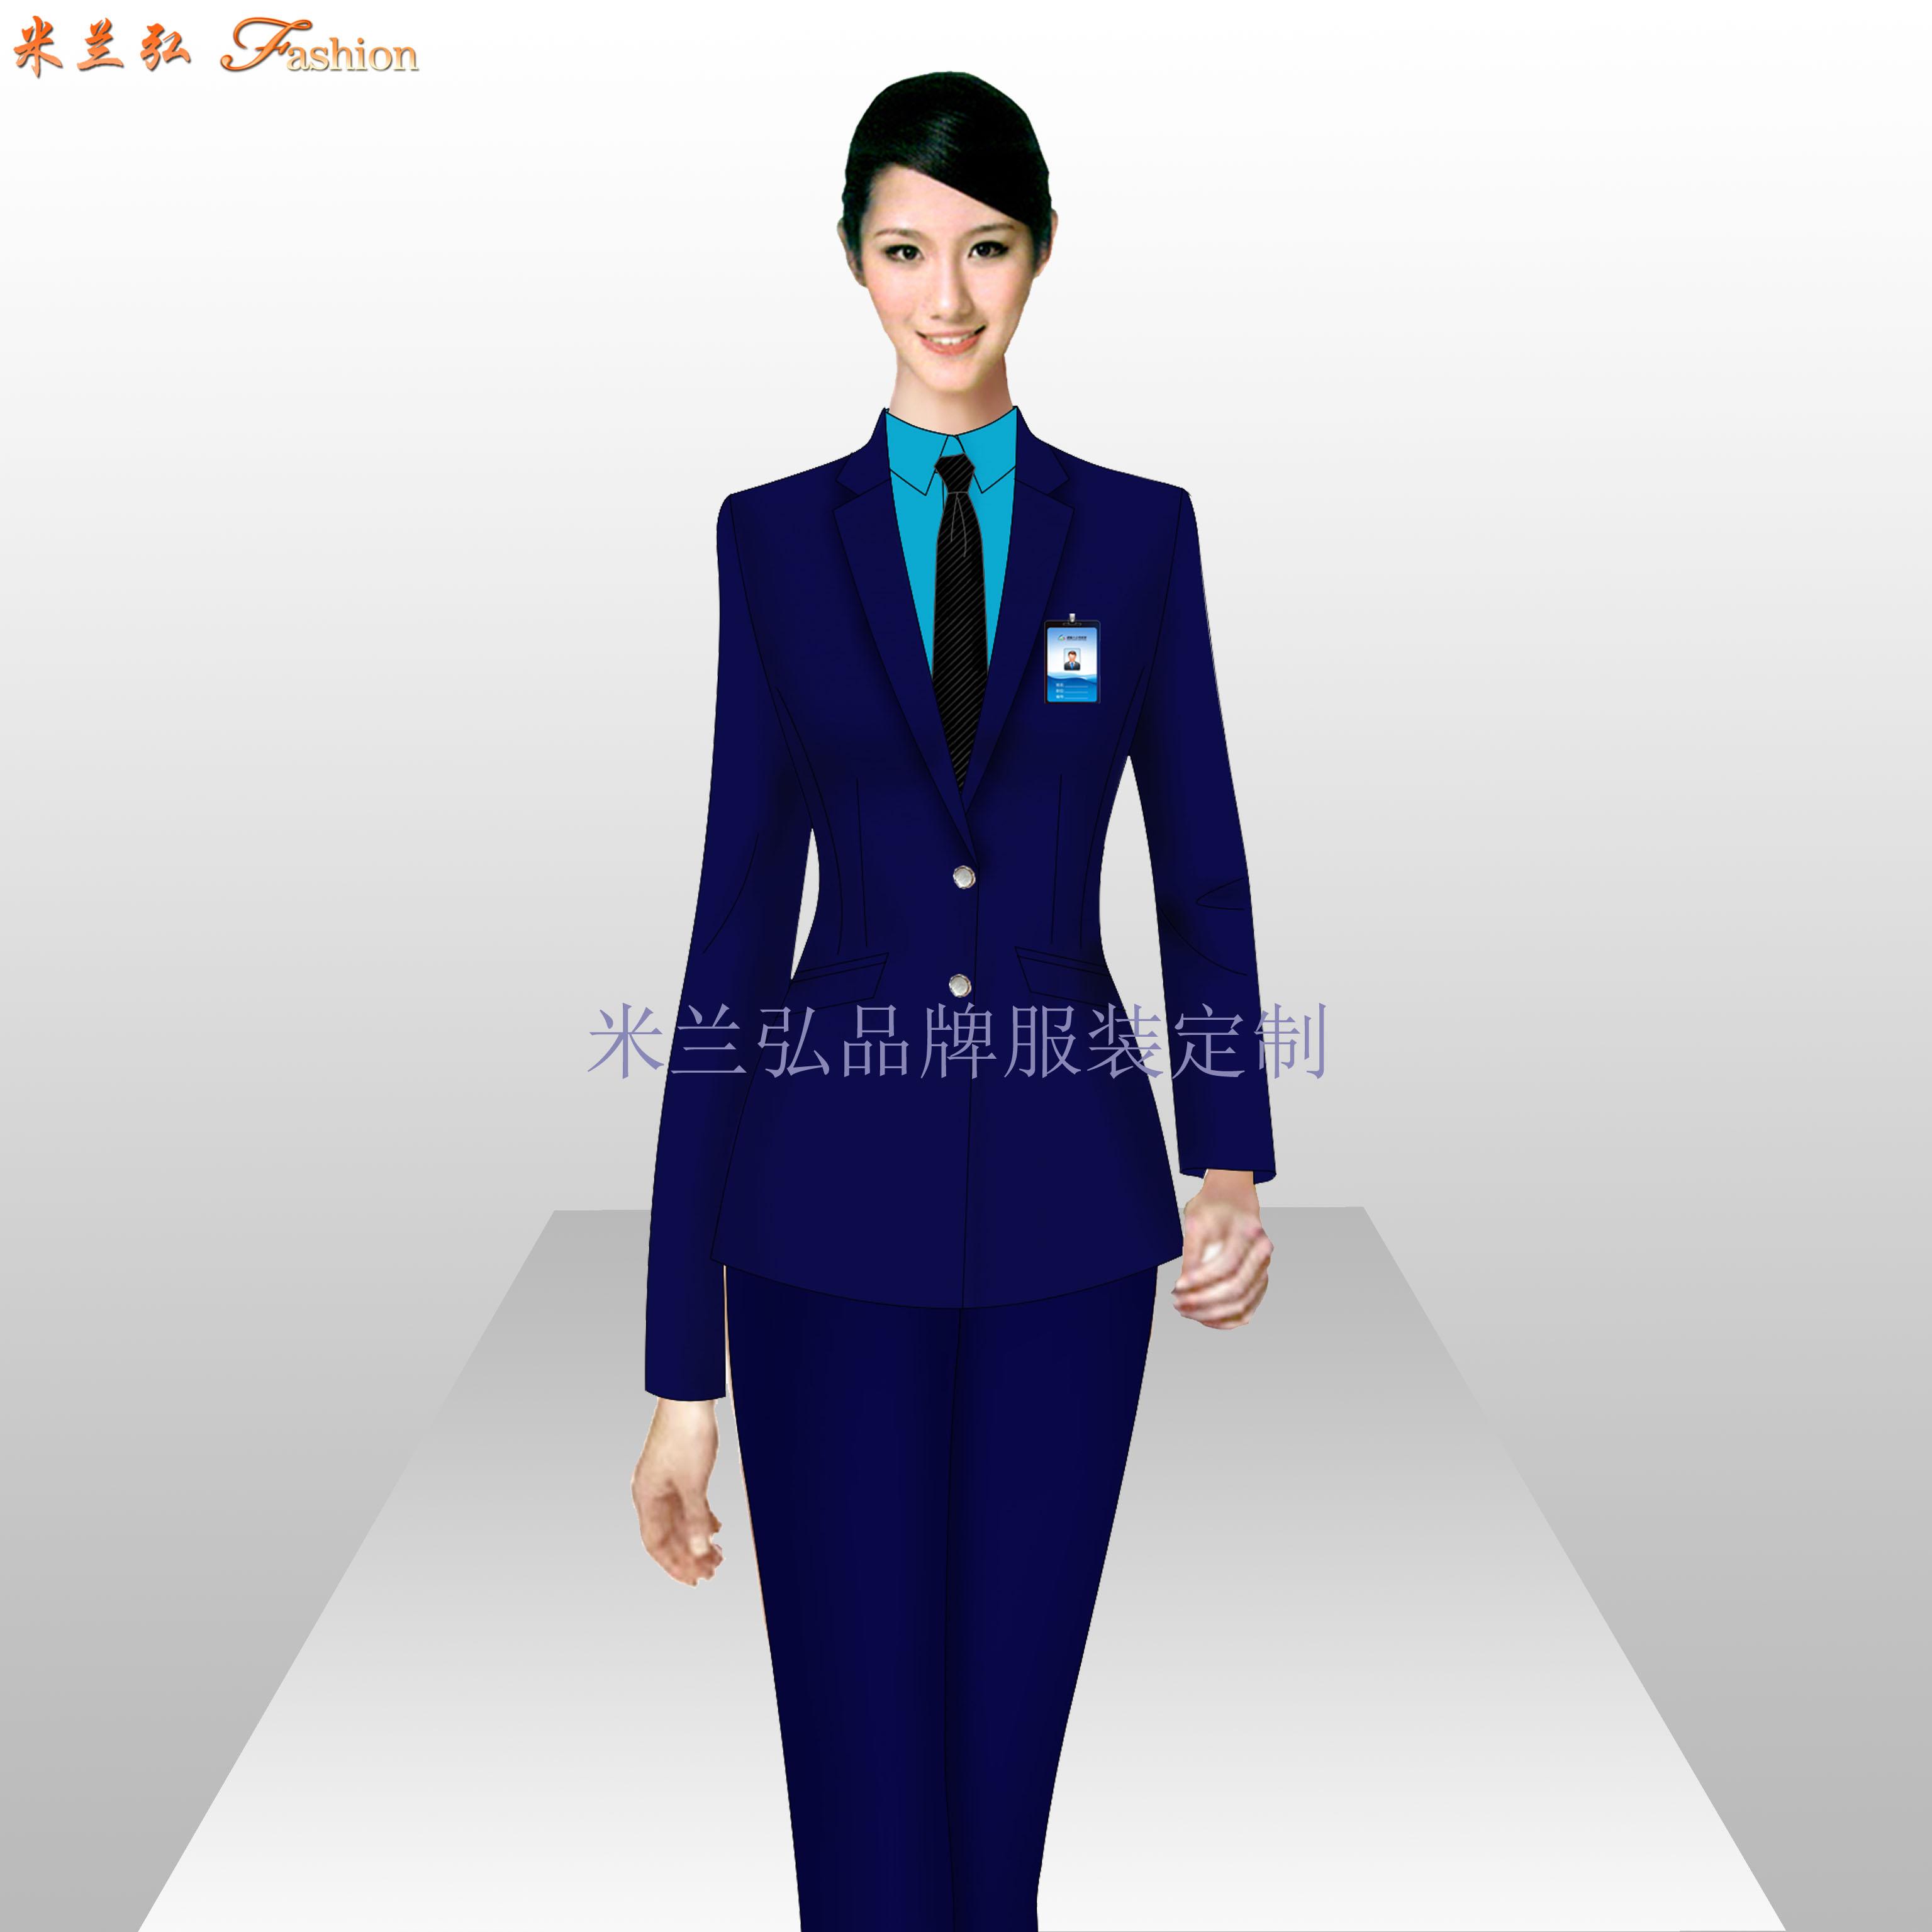 銀行辦公室職業裝_銀行工作服訂做-米蘭弘服裝廠家-5